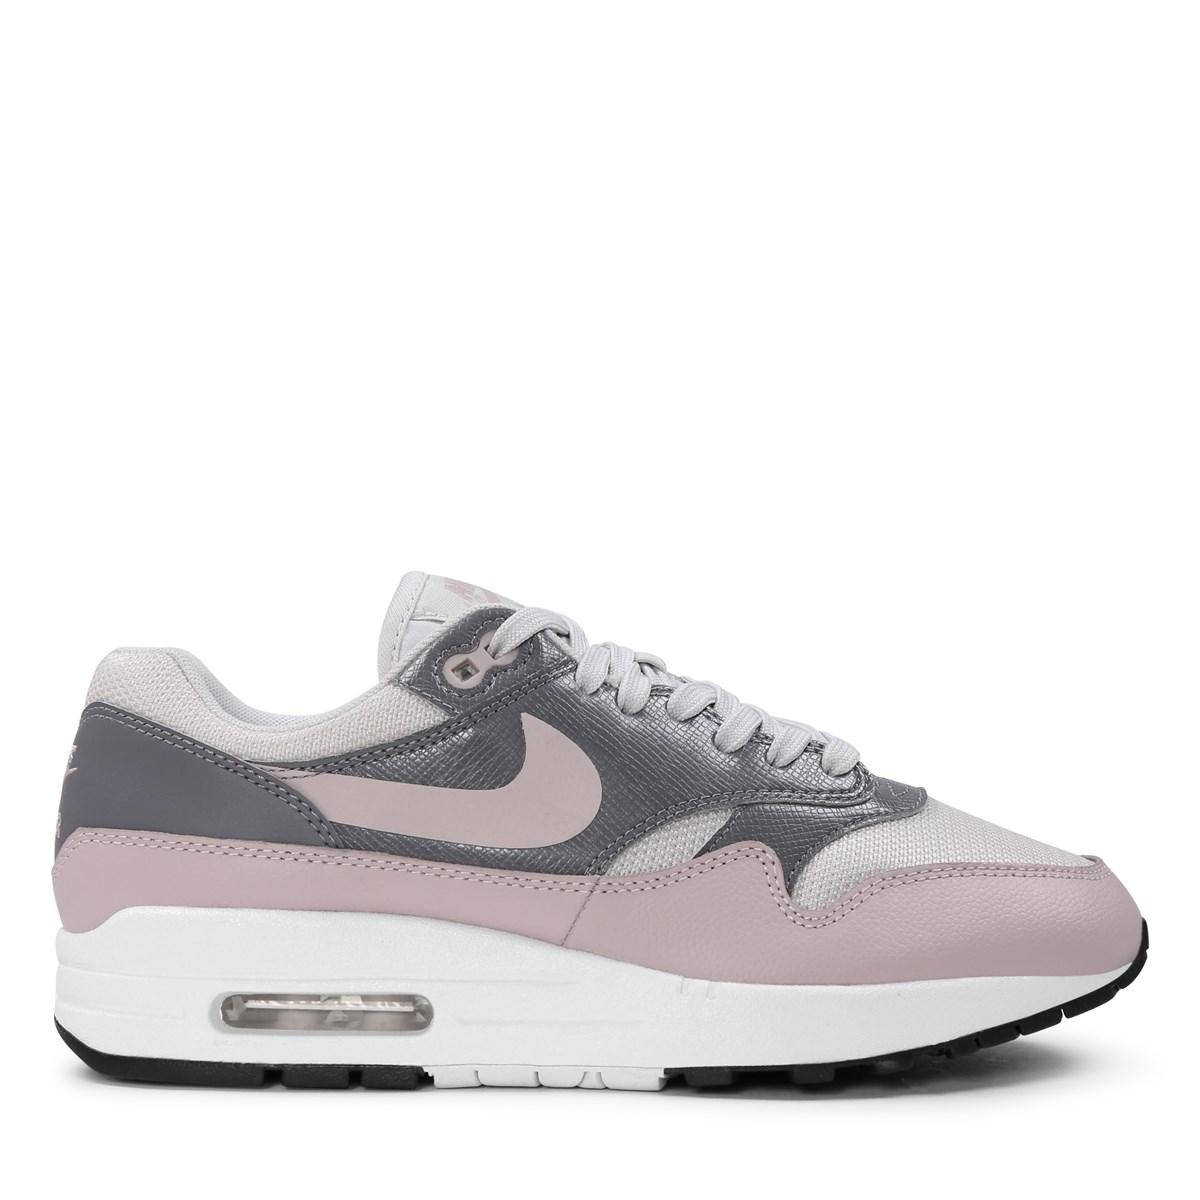 Air Max 1 Vast Grey